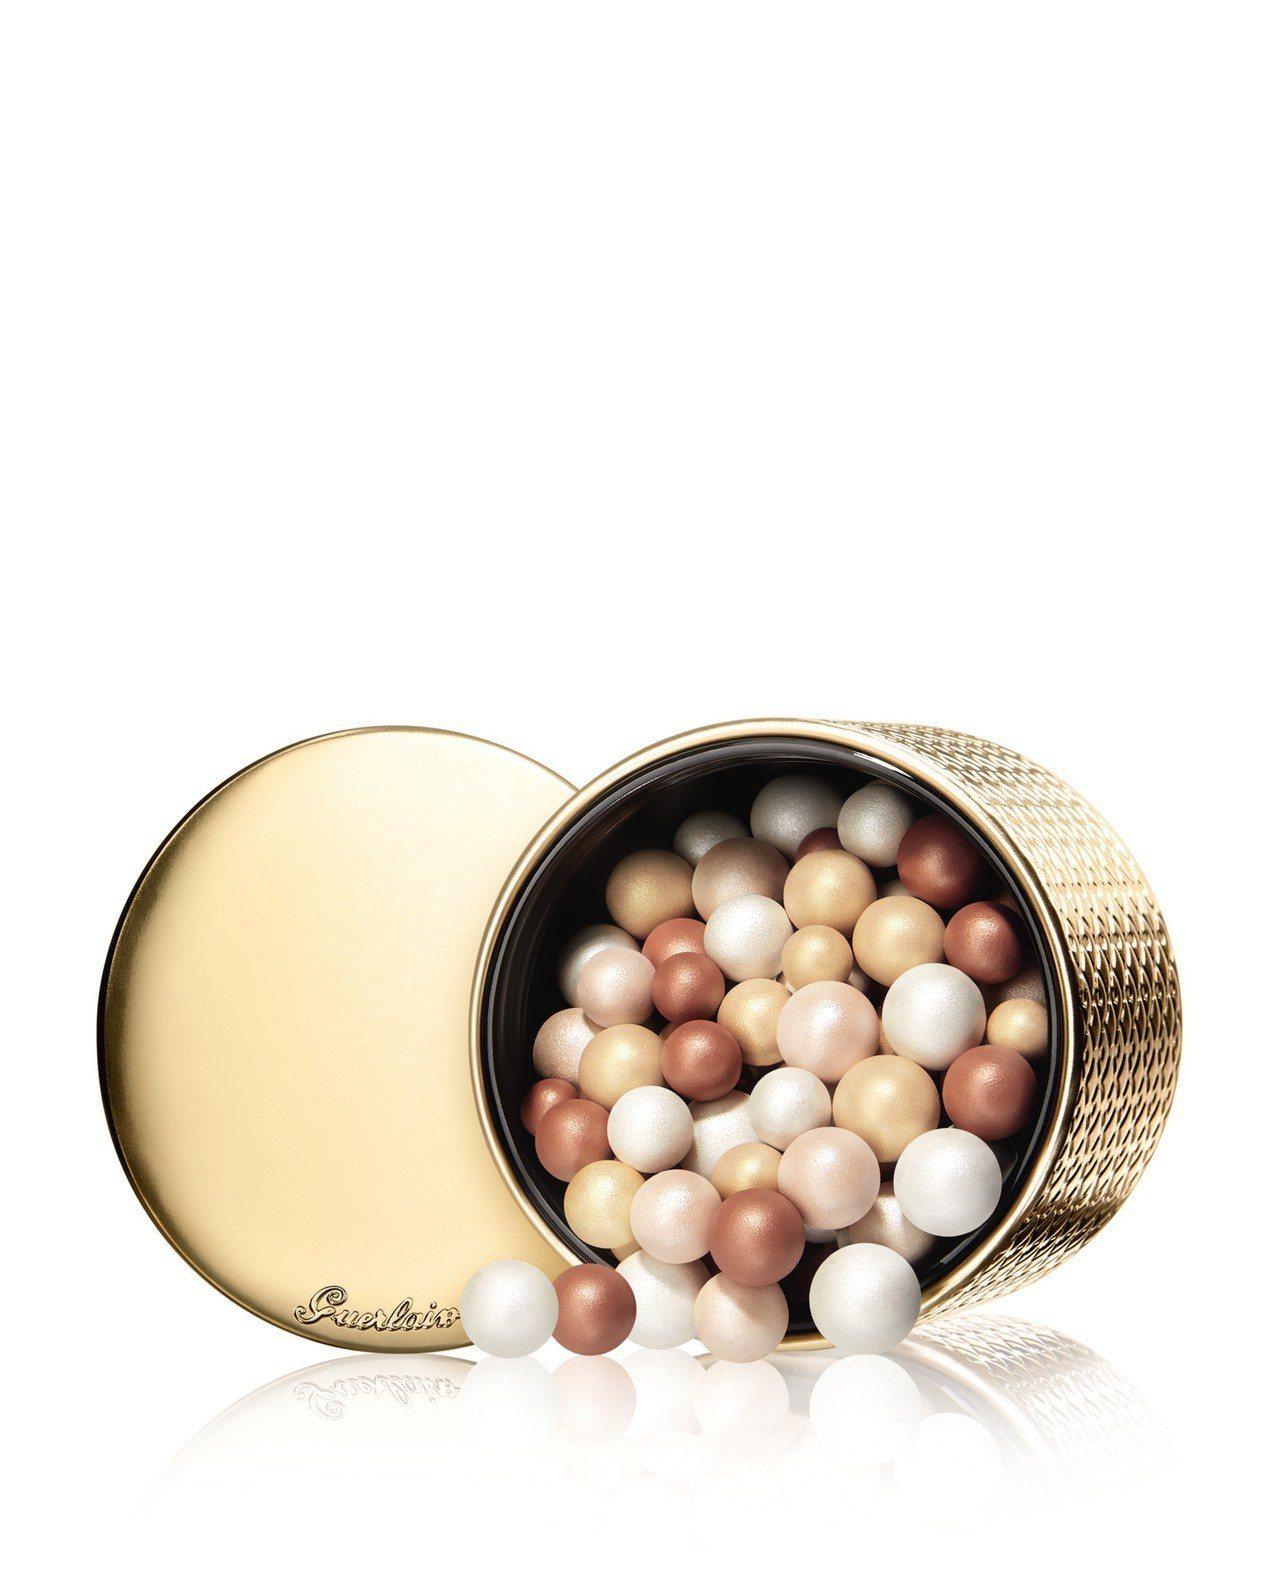 嬌蘭幻彩流星蜜粉球金燦復古限量版,售價2,520元。圖/嬌蘭提供